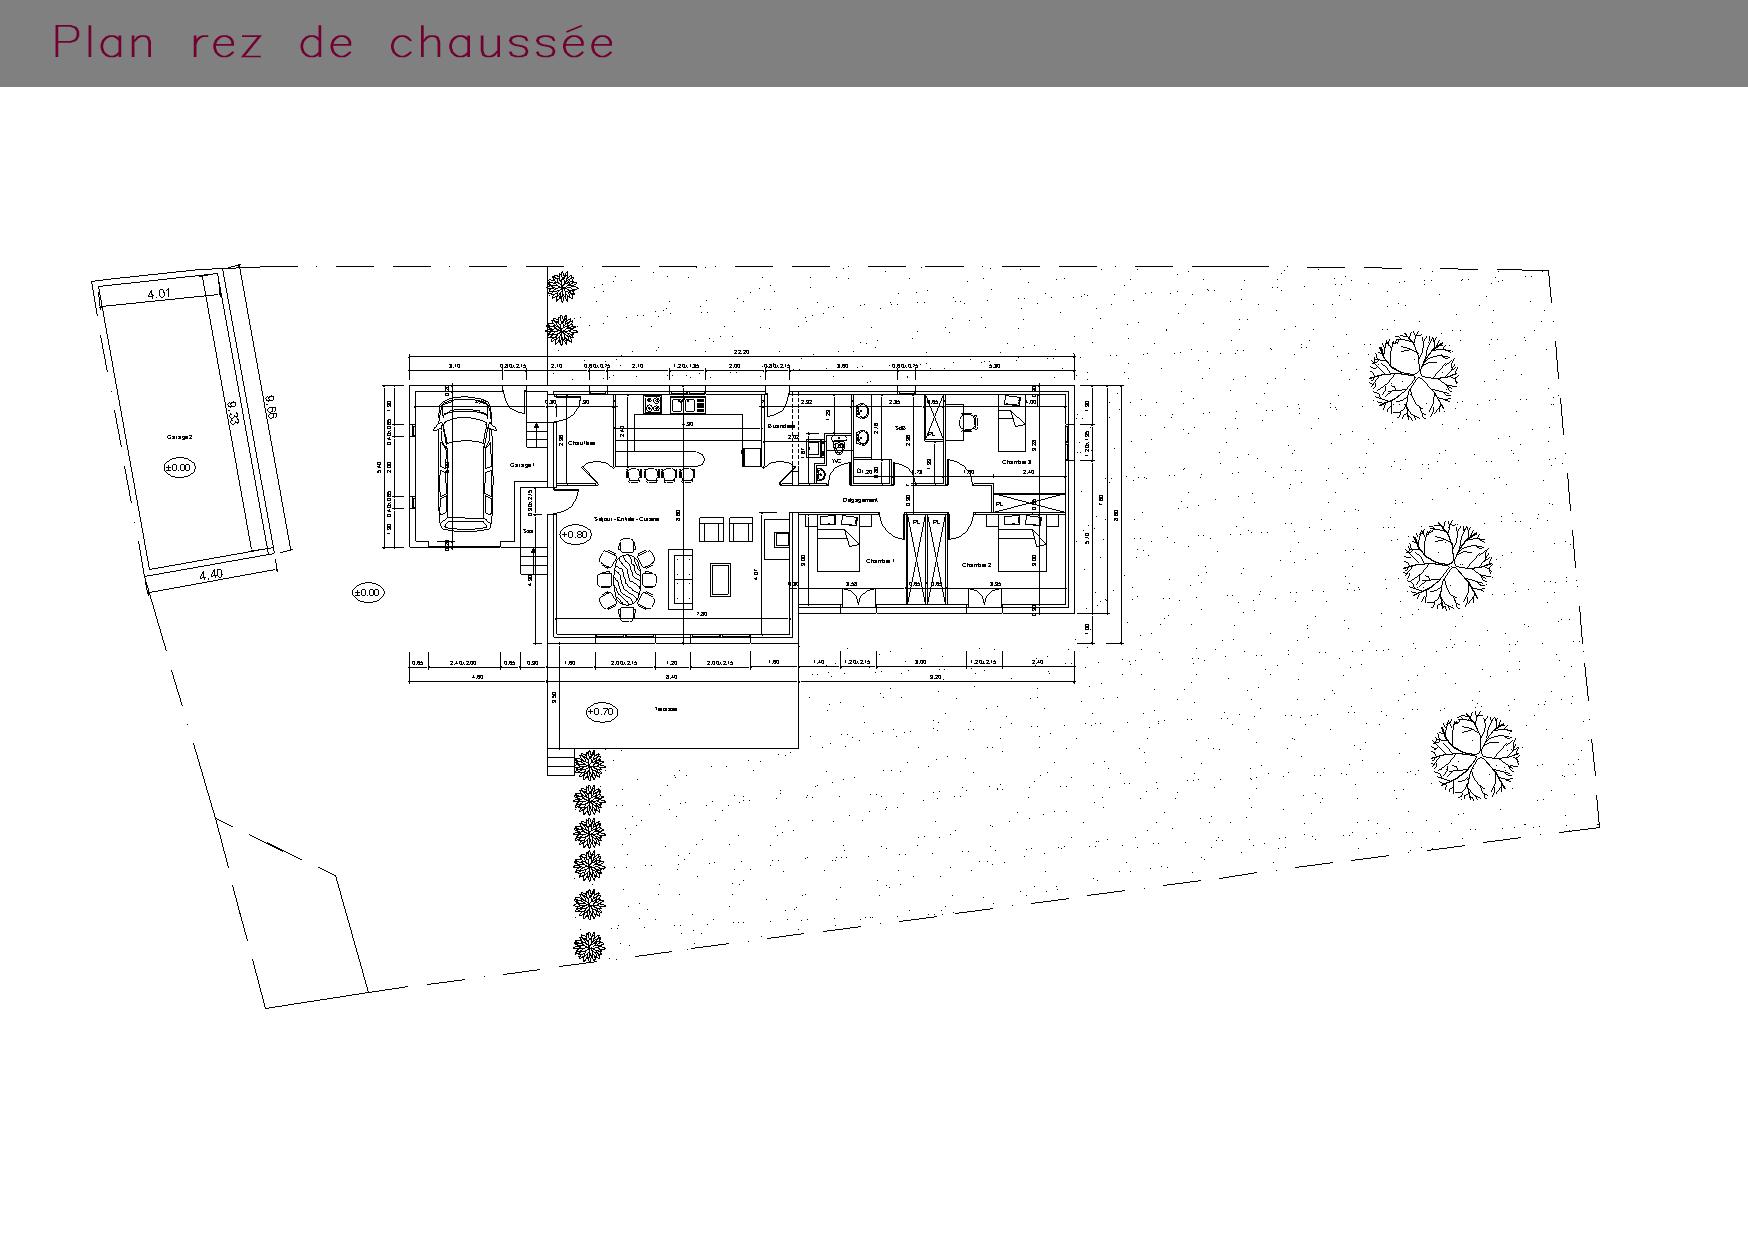 Plan du rez-de-chaussée d'une maison individuelle